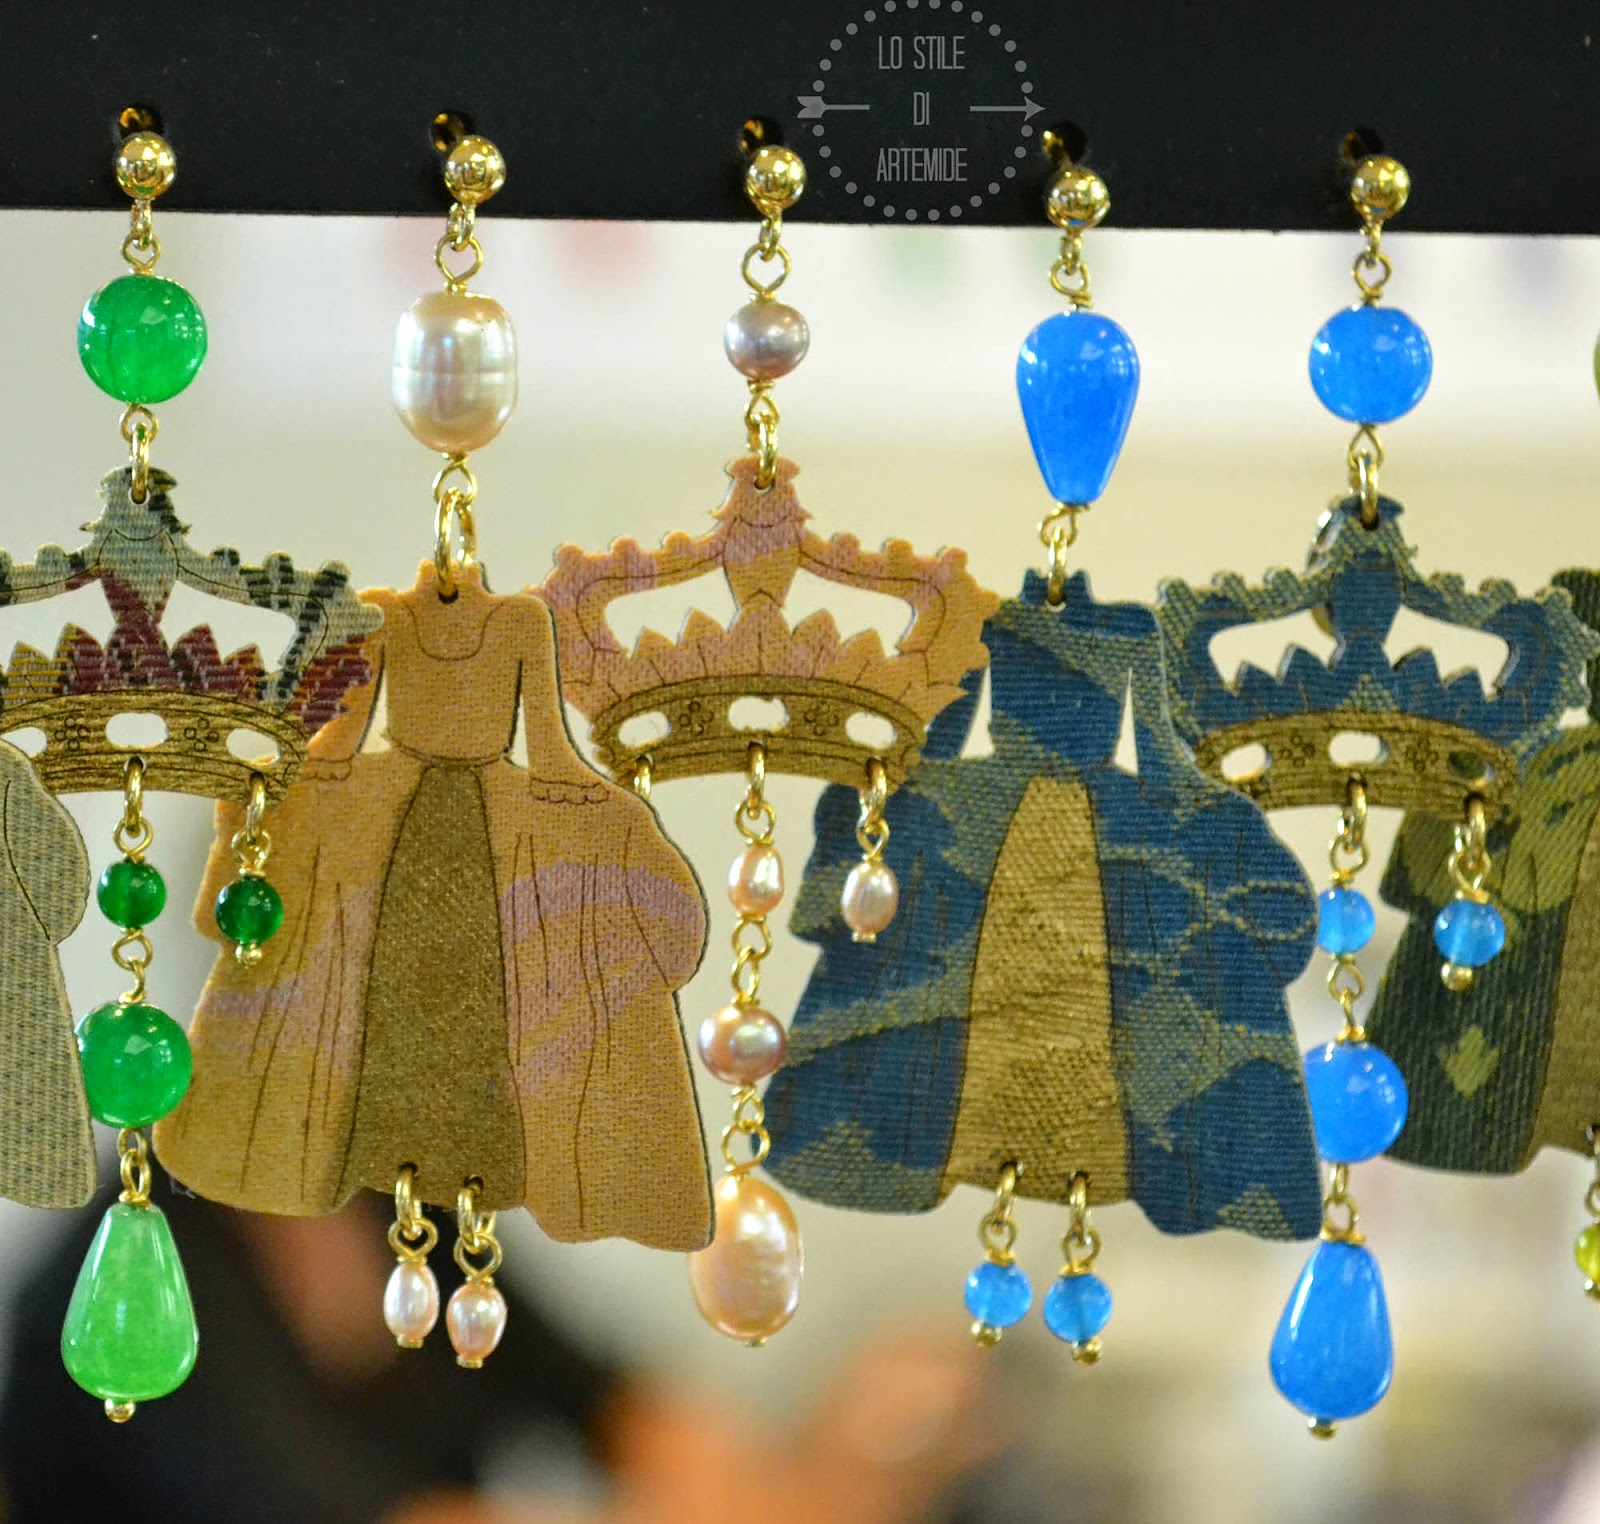 gioielli lebole settecento